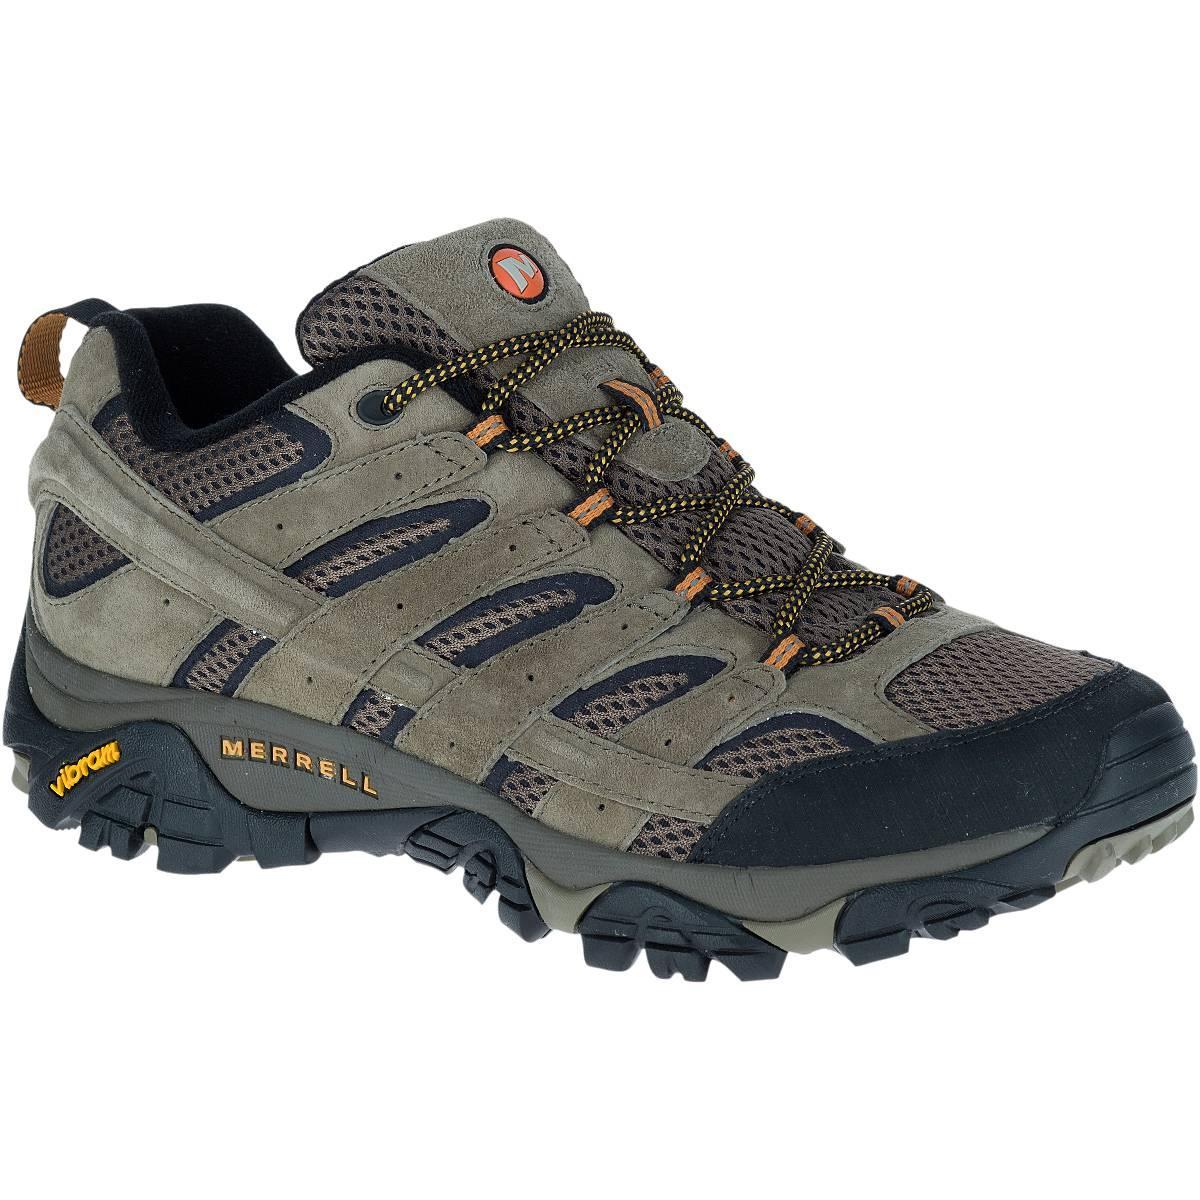 Merrell Moab 2 Vent Hiking Shoes Men's